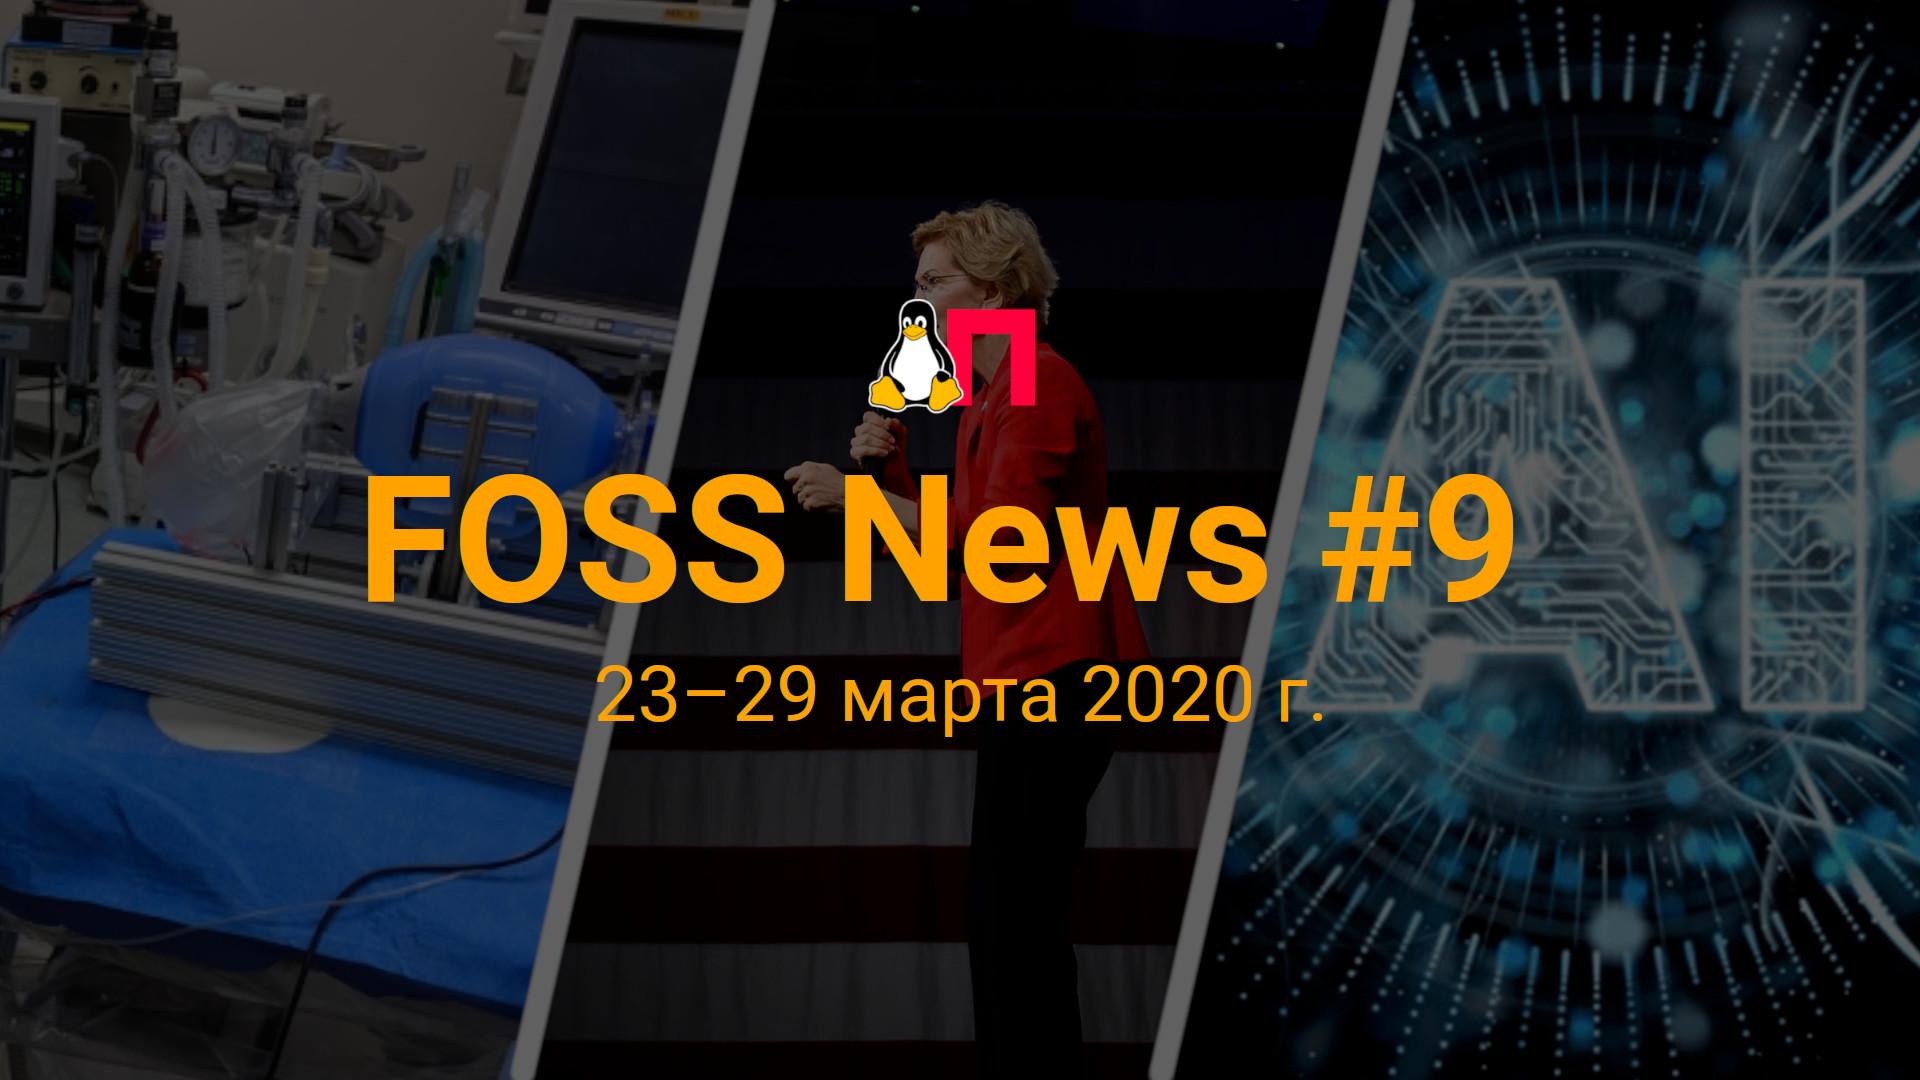 FOSS News №9 — обзор новостей свободного и открытого ПО за 23-29 марта 2020 года — IT-МИР. ПОМОЩЬ В IT-МИРЕ 2021